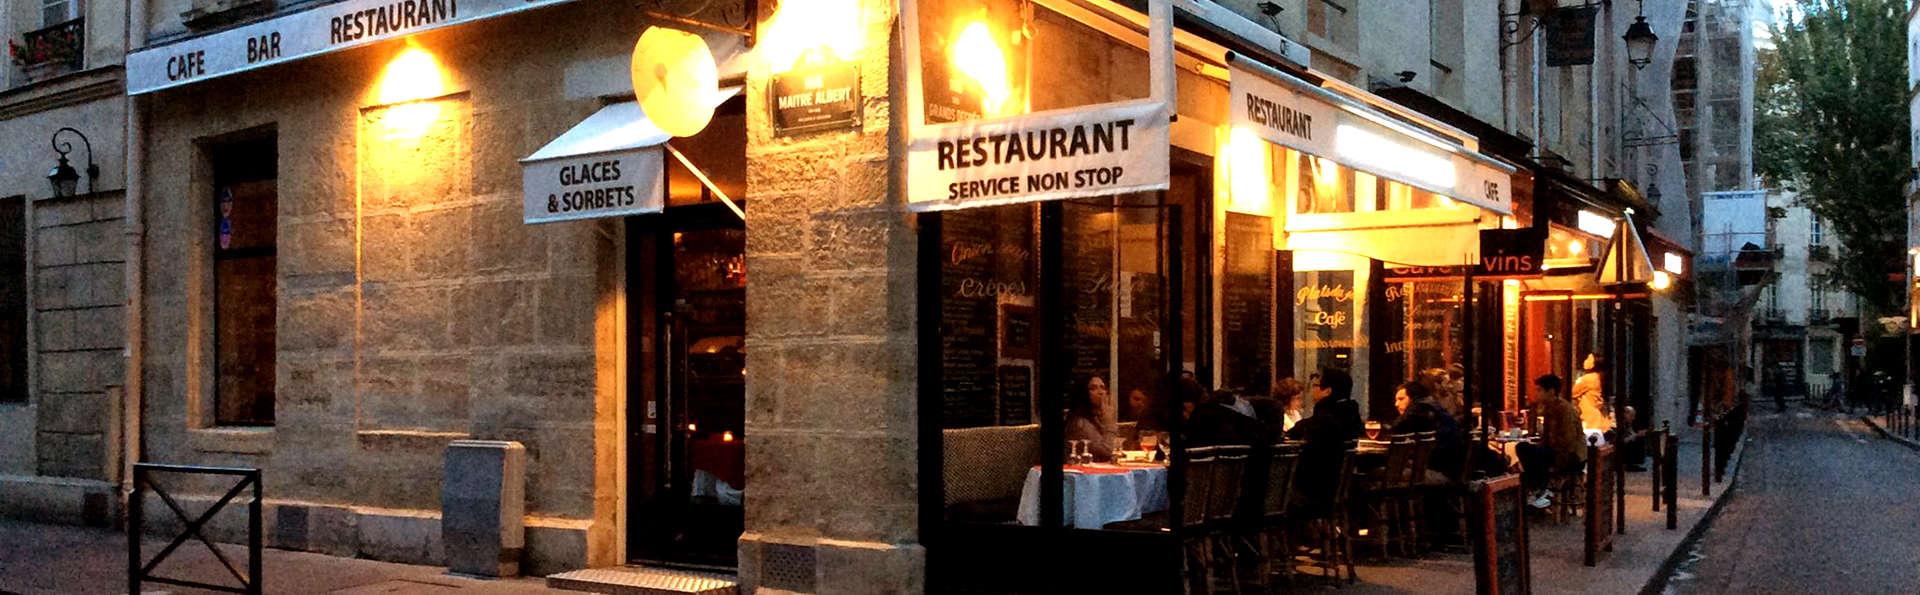 Week-end détente et gourmand avec déjeuner ou dîner à deux pas de Notre-Dame de Paris